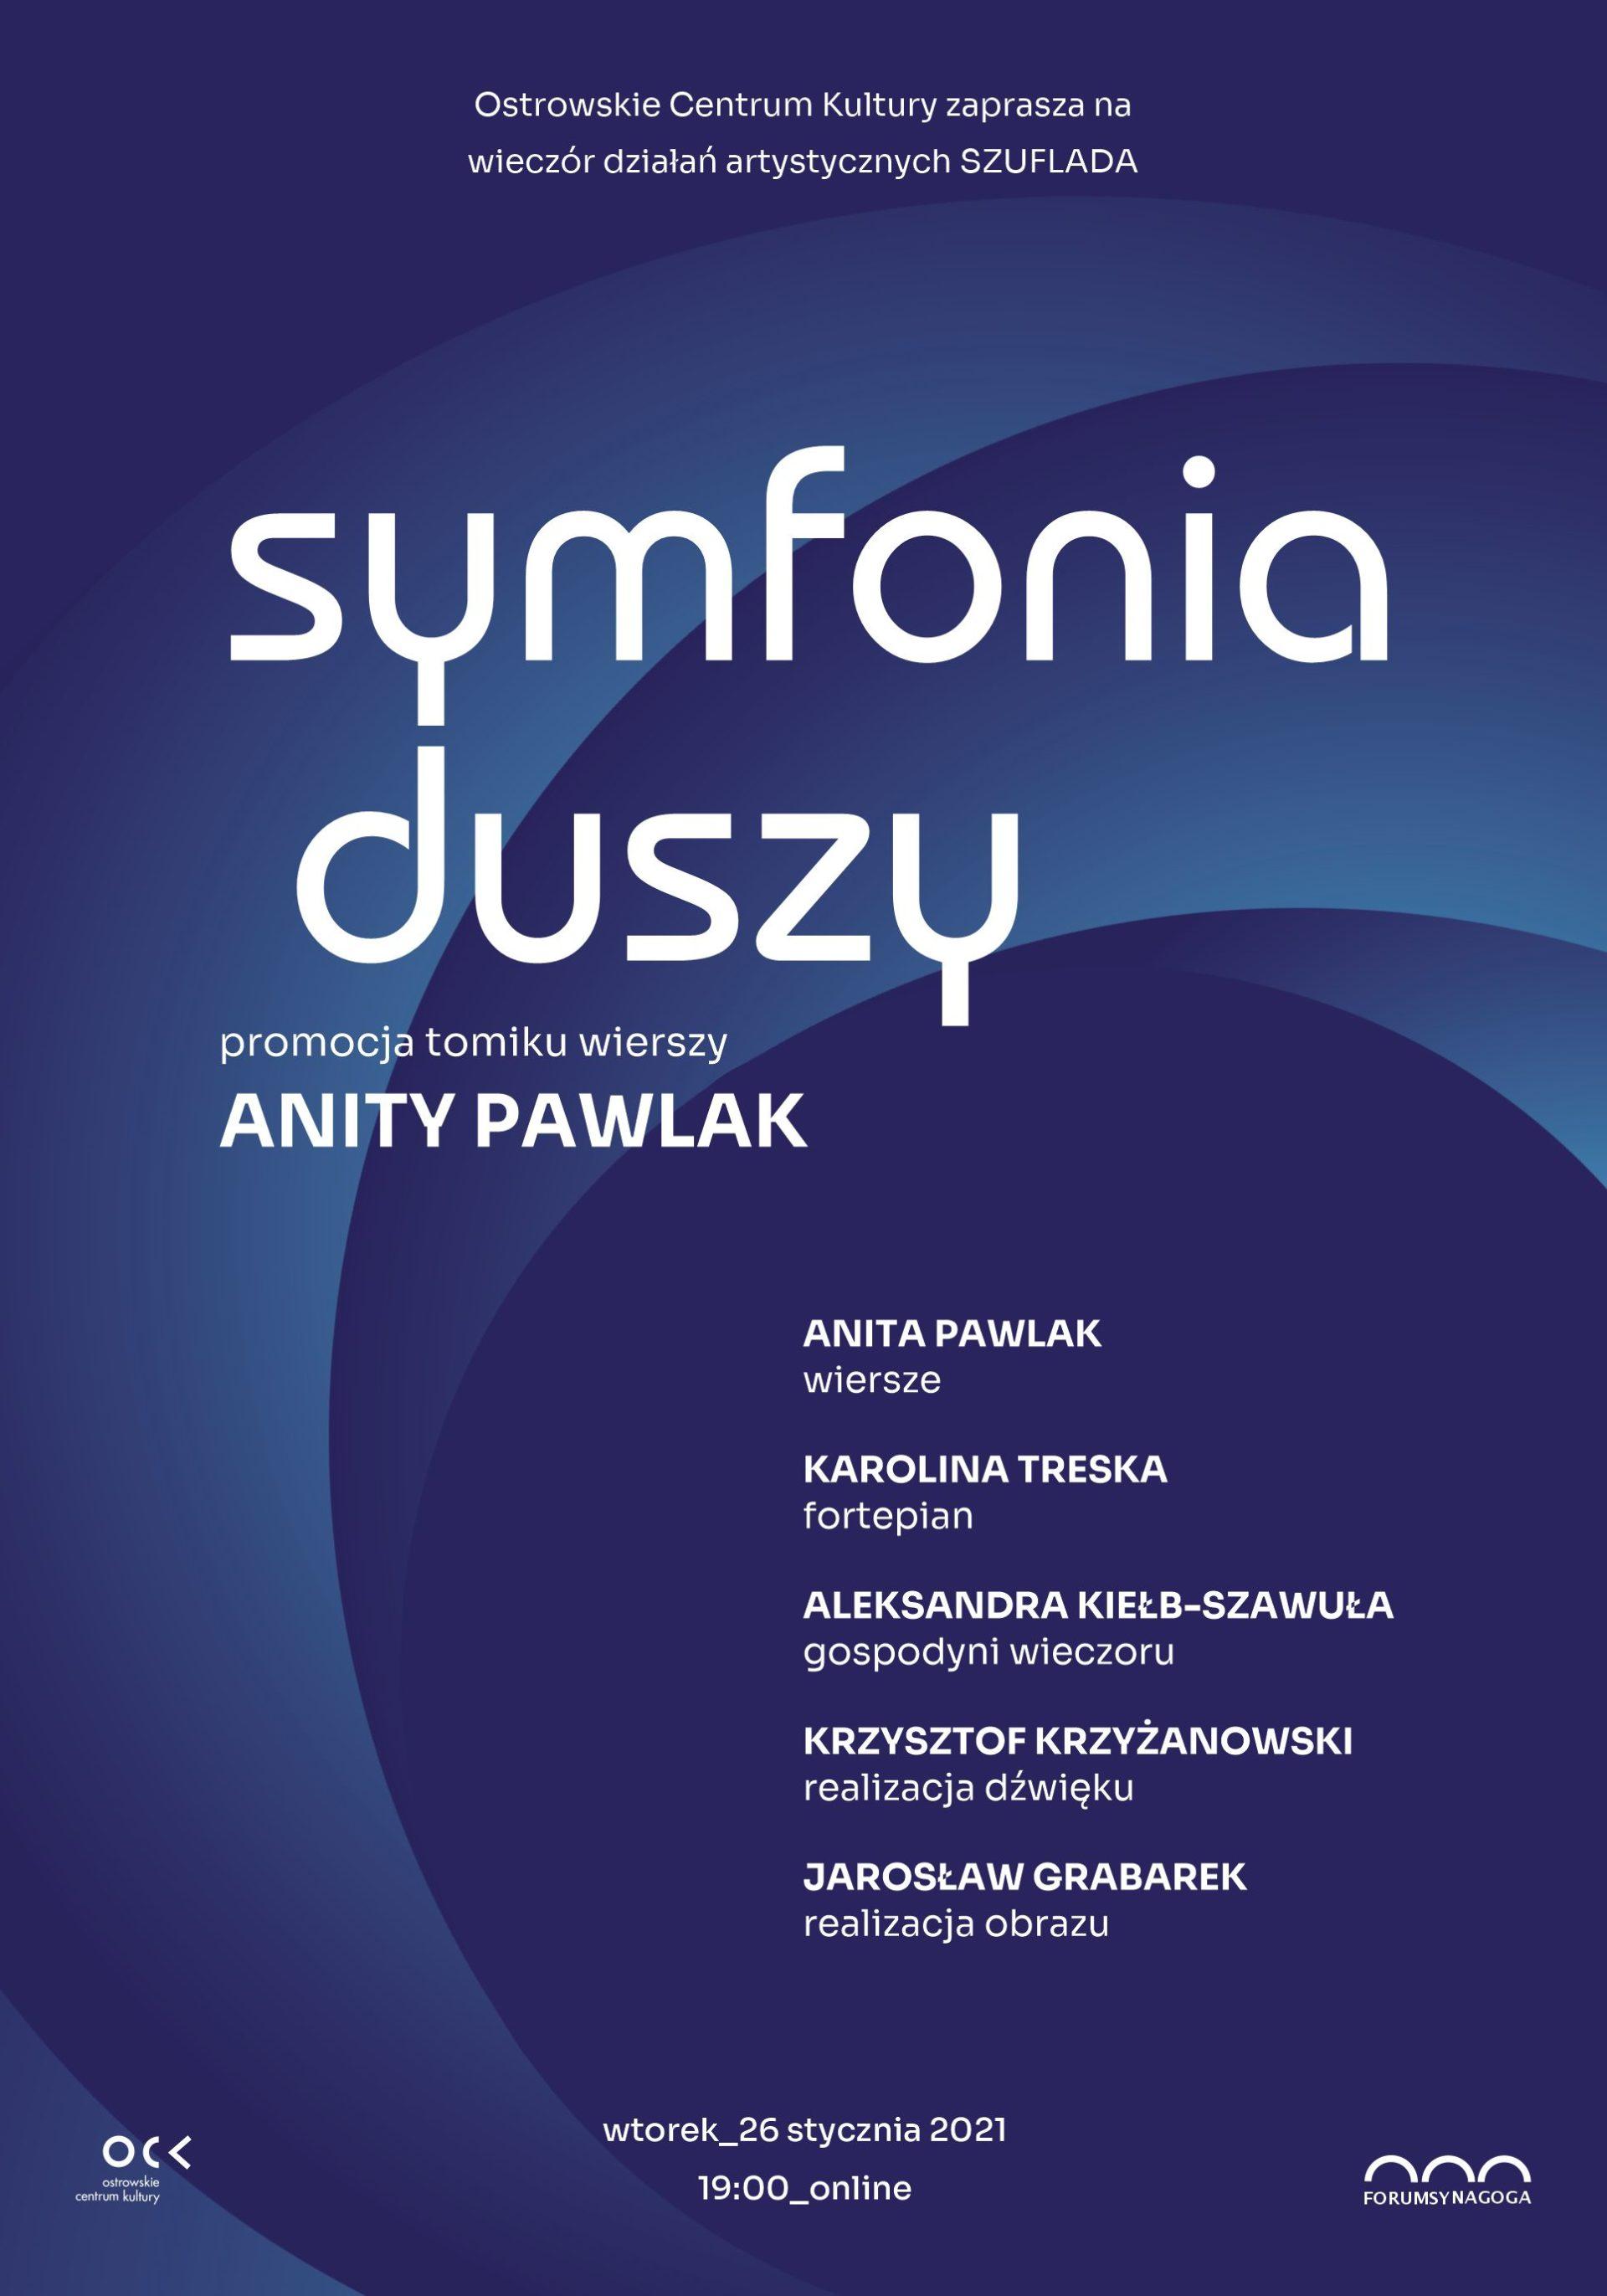 Symfonia duszy | Anita Pawlak | Wieczór działań artystycznych Szuflada | online